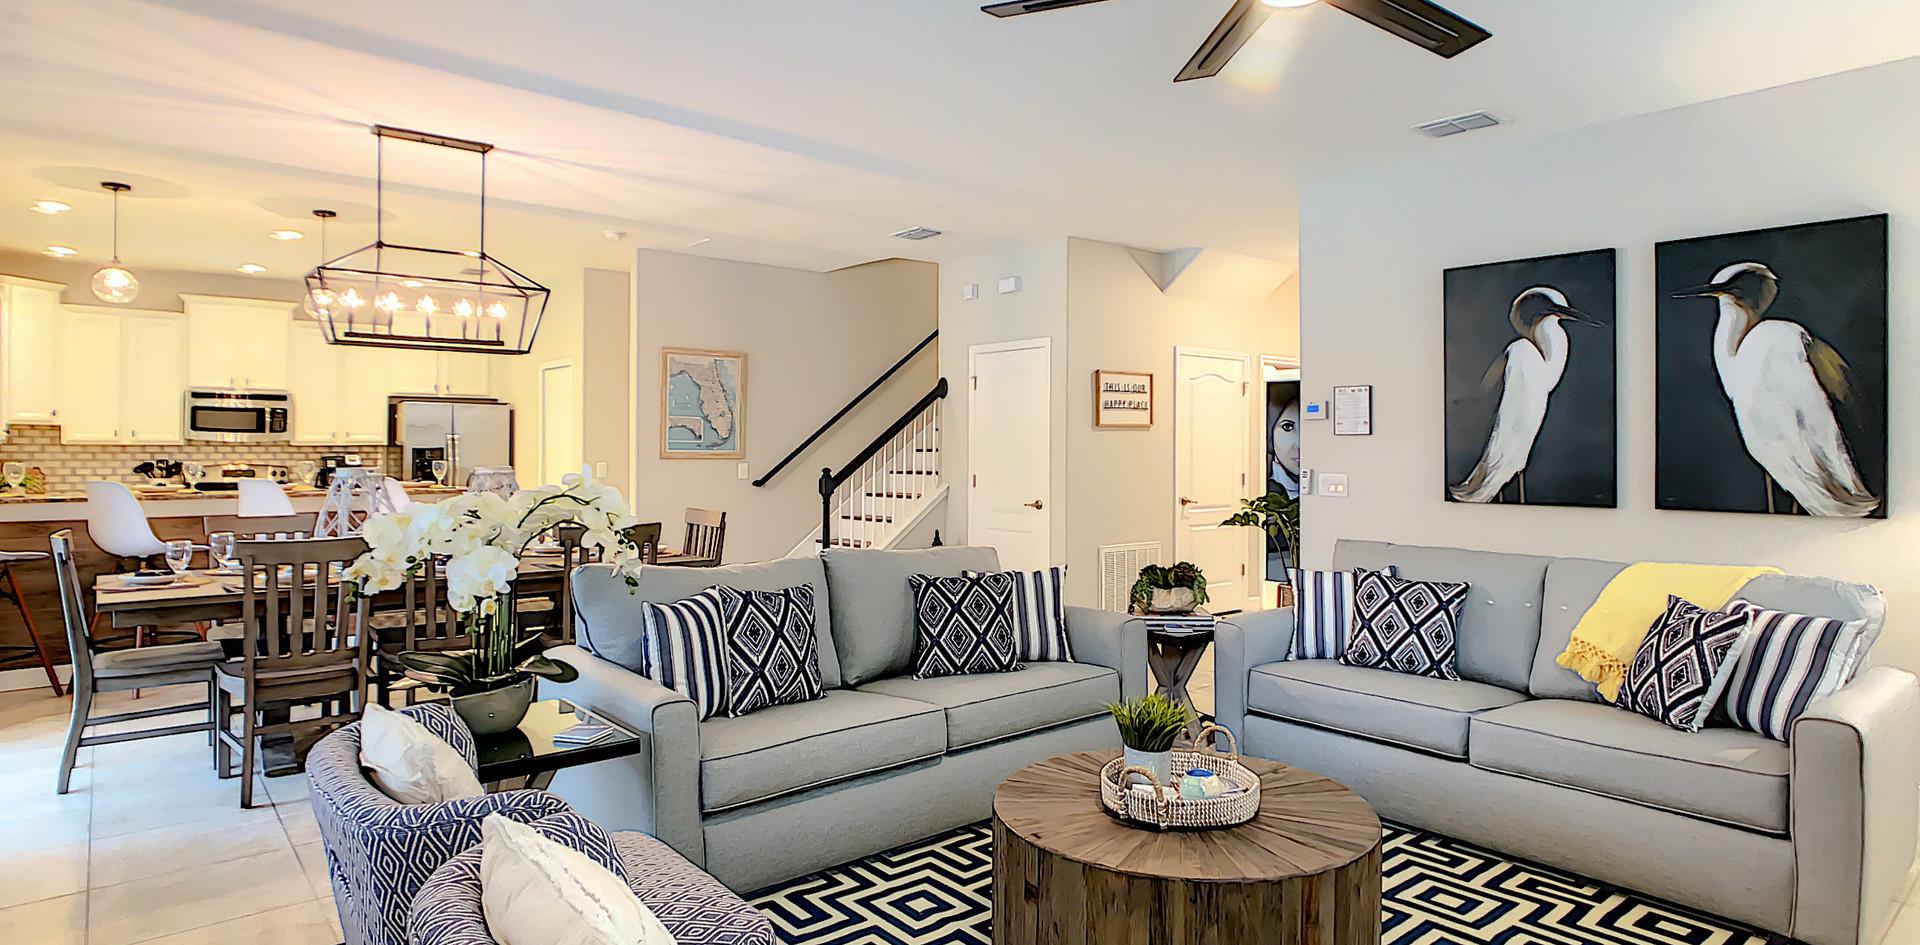 Coastal Vibes - Family Room